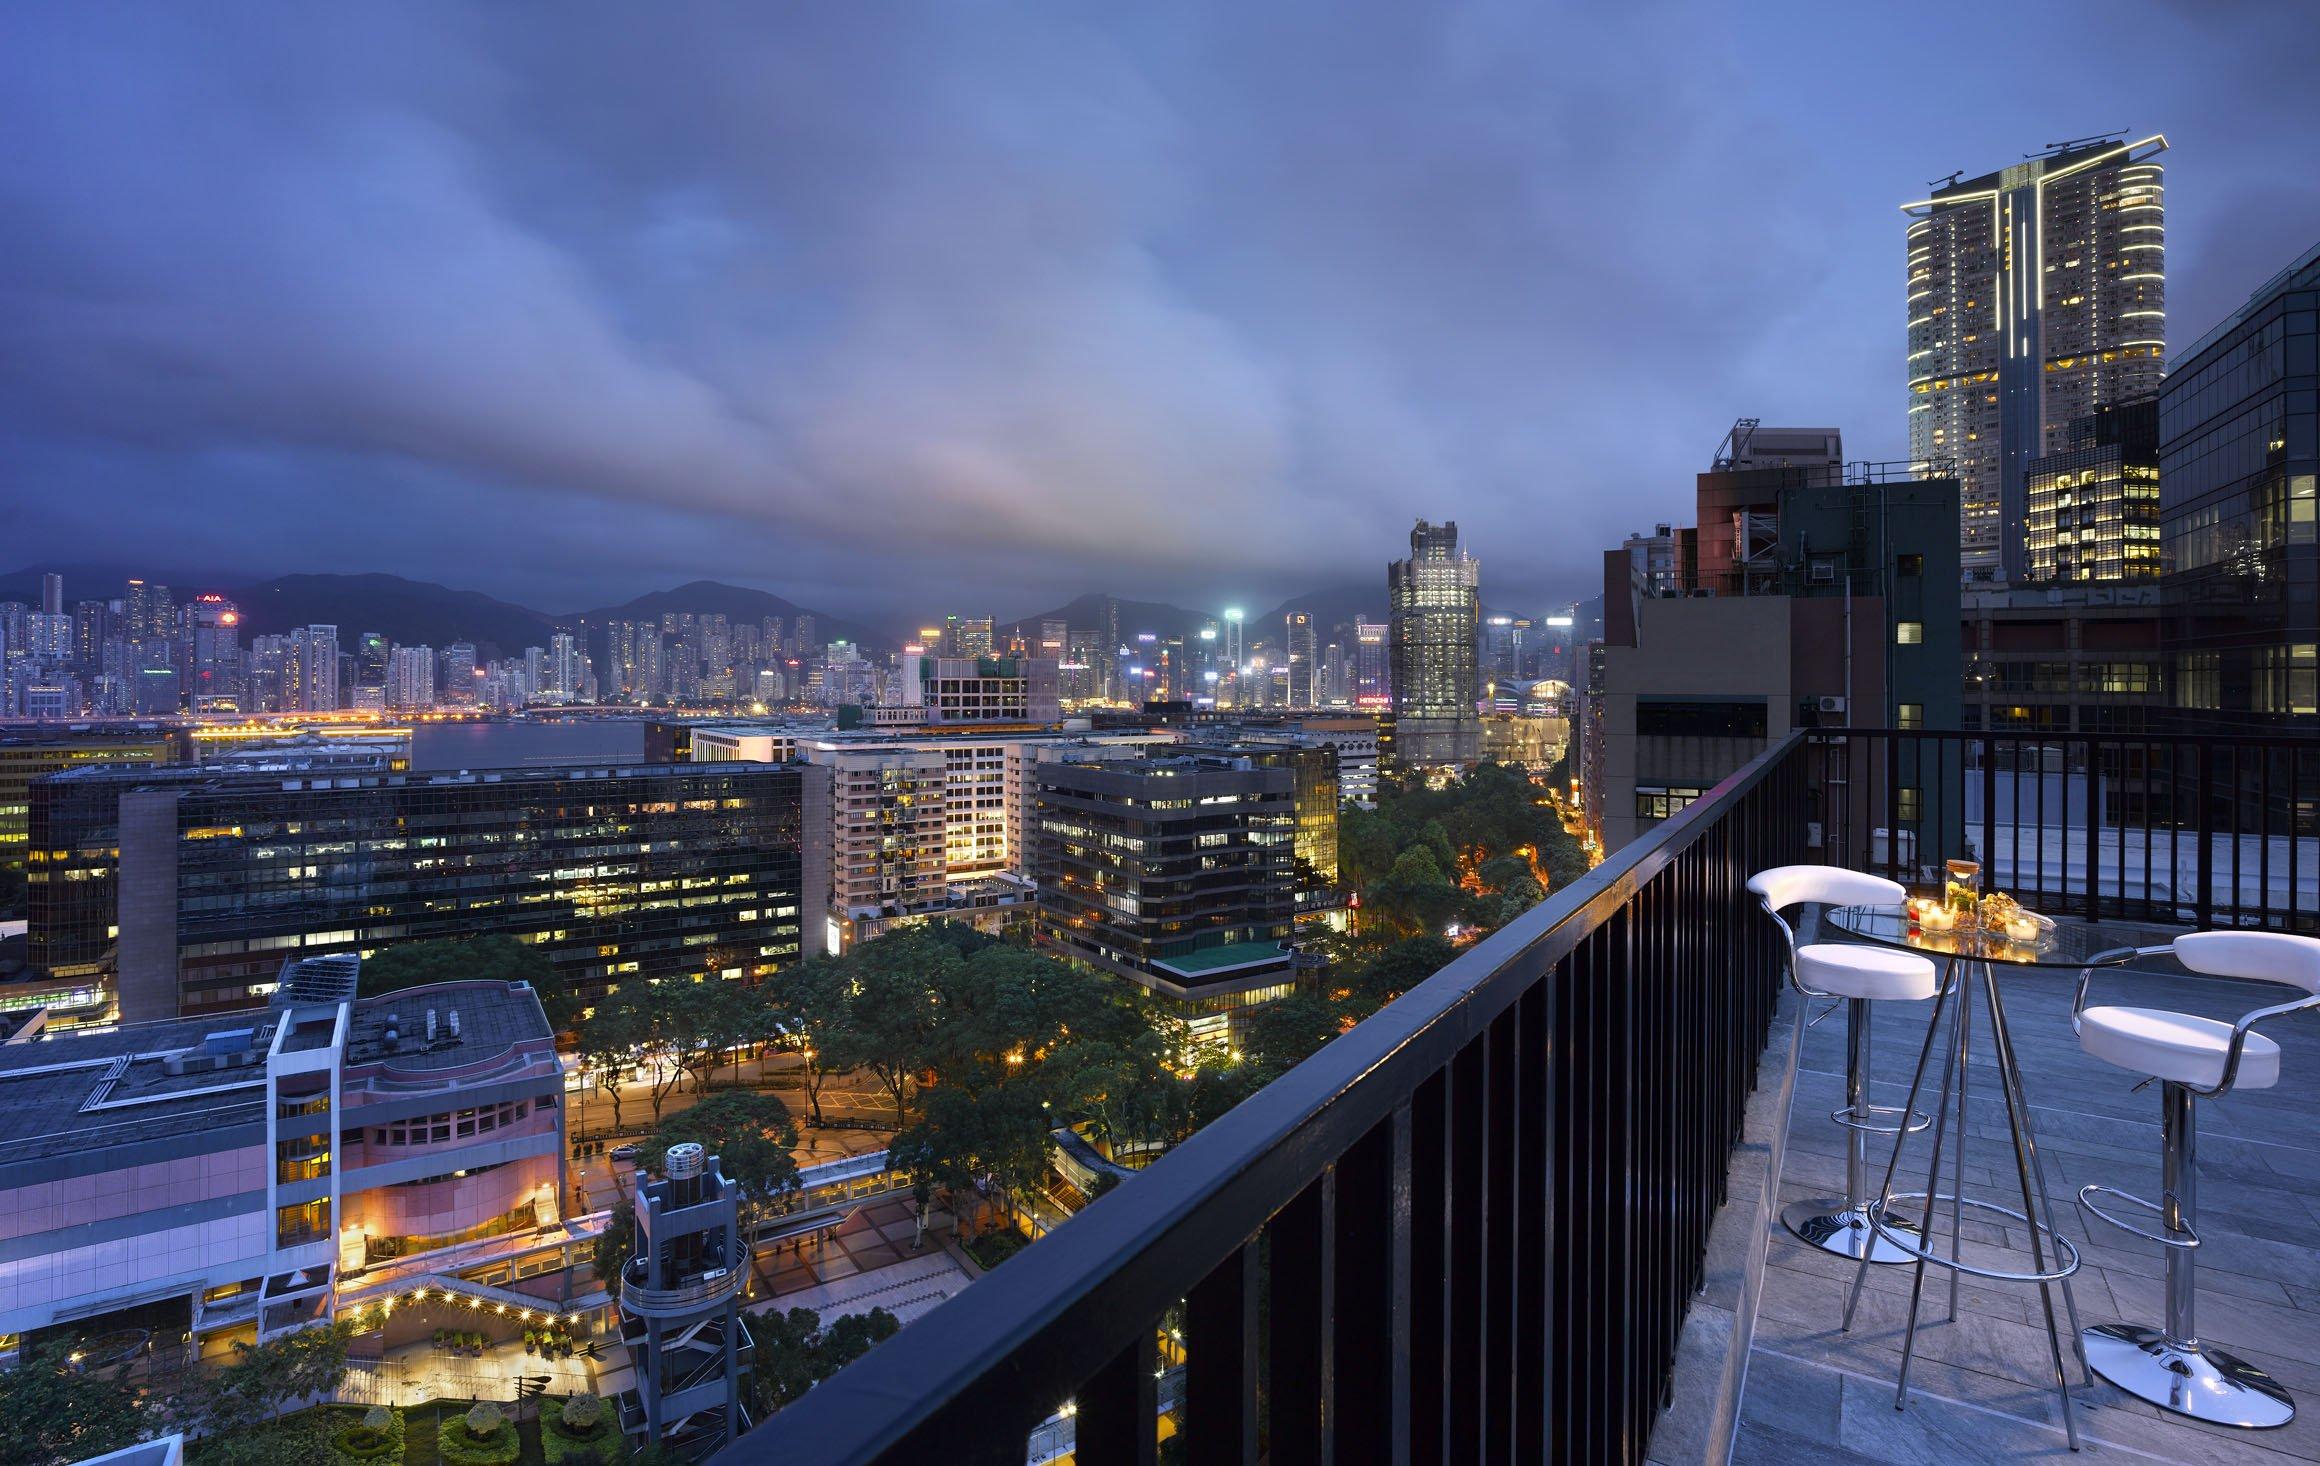 香港珀薈酒店 Hong Kong Popway Hotel-Sky Deck 星光套餐 A (雙人)